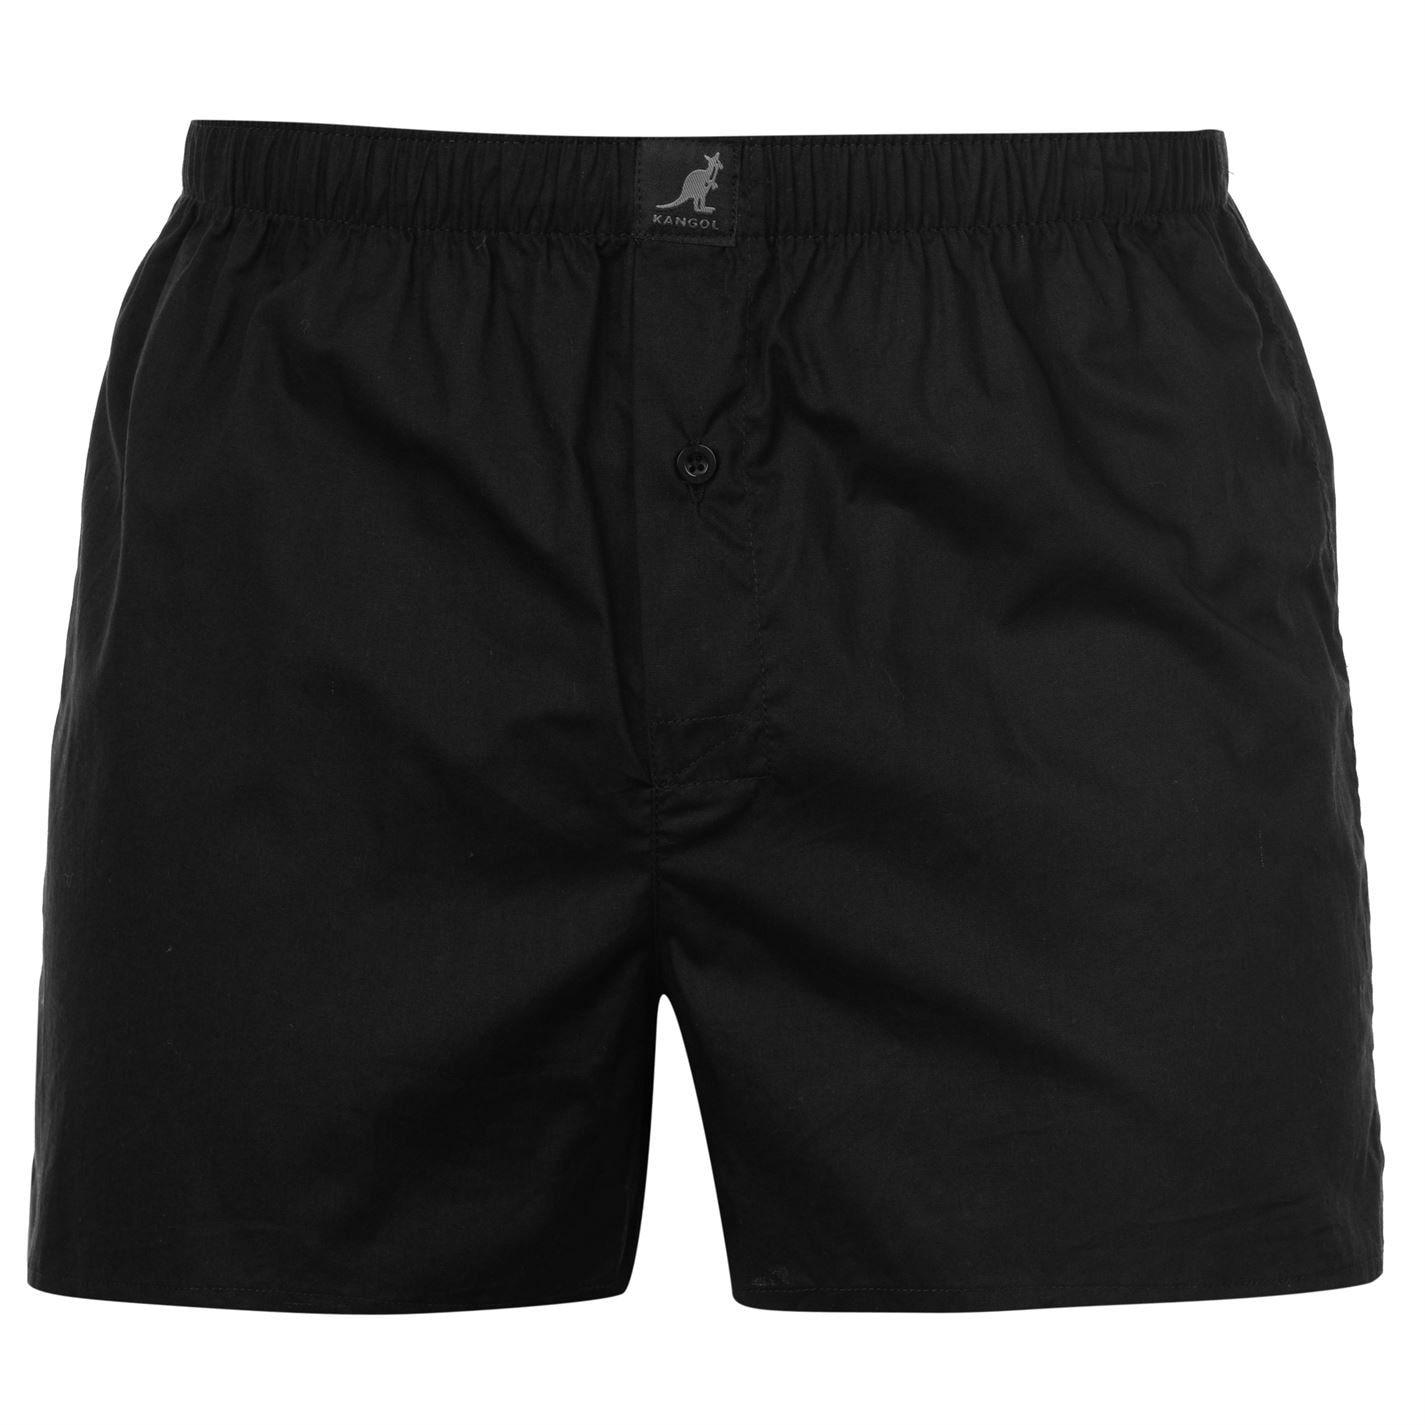 Kangol Mens Woven Boxer Shorts 4 Pack Briefs